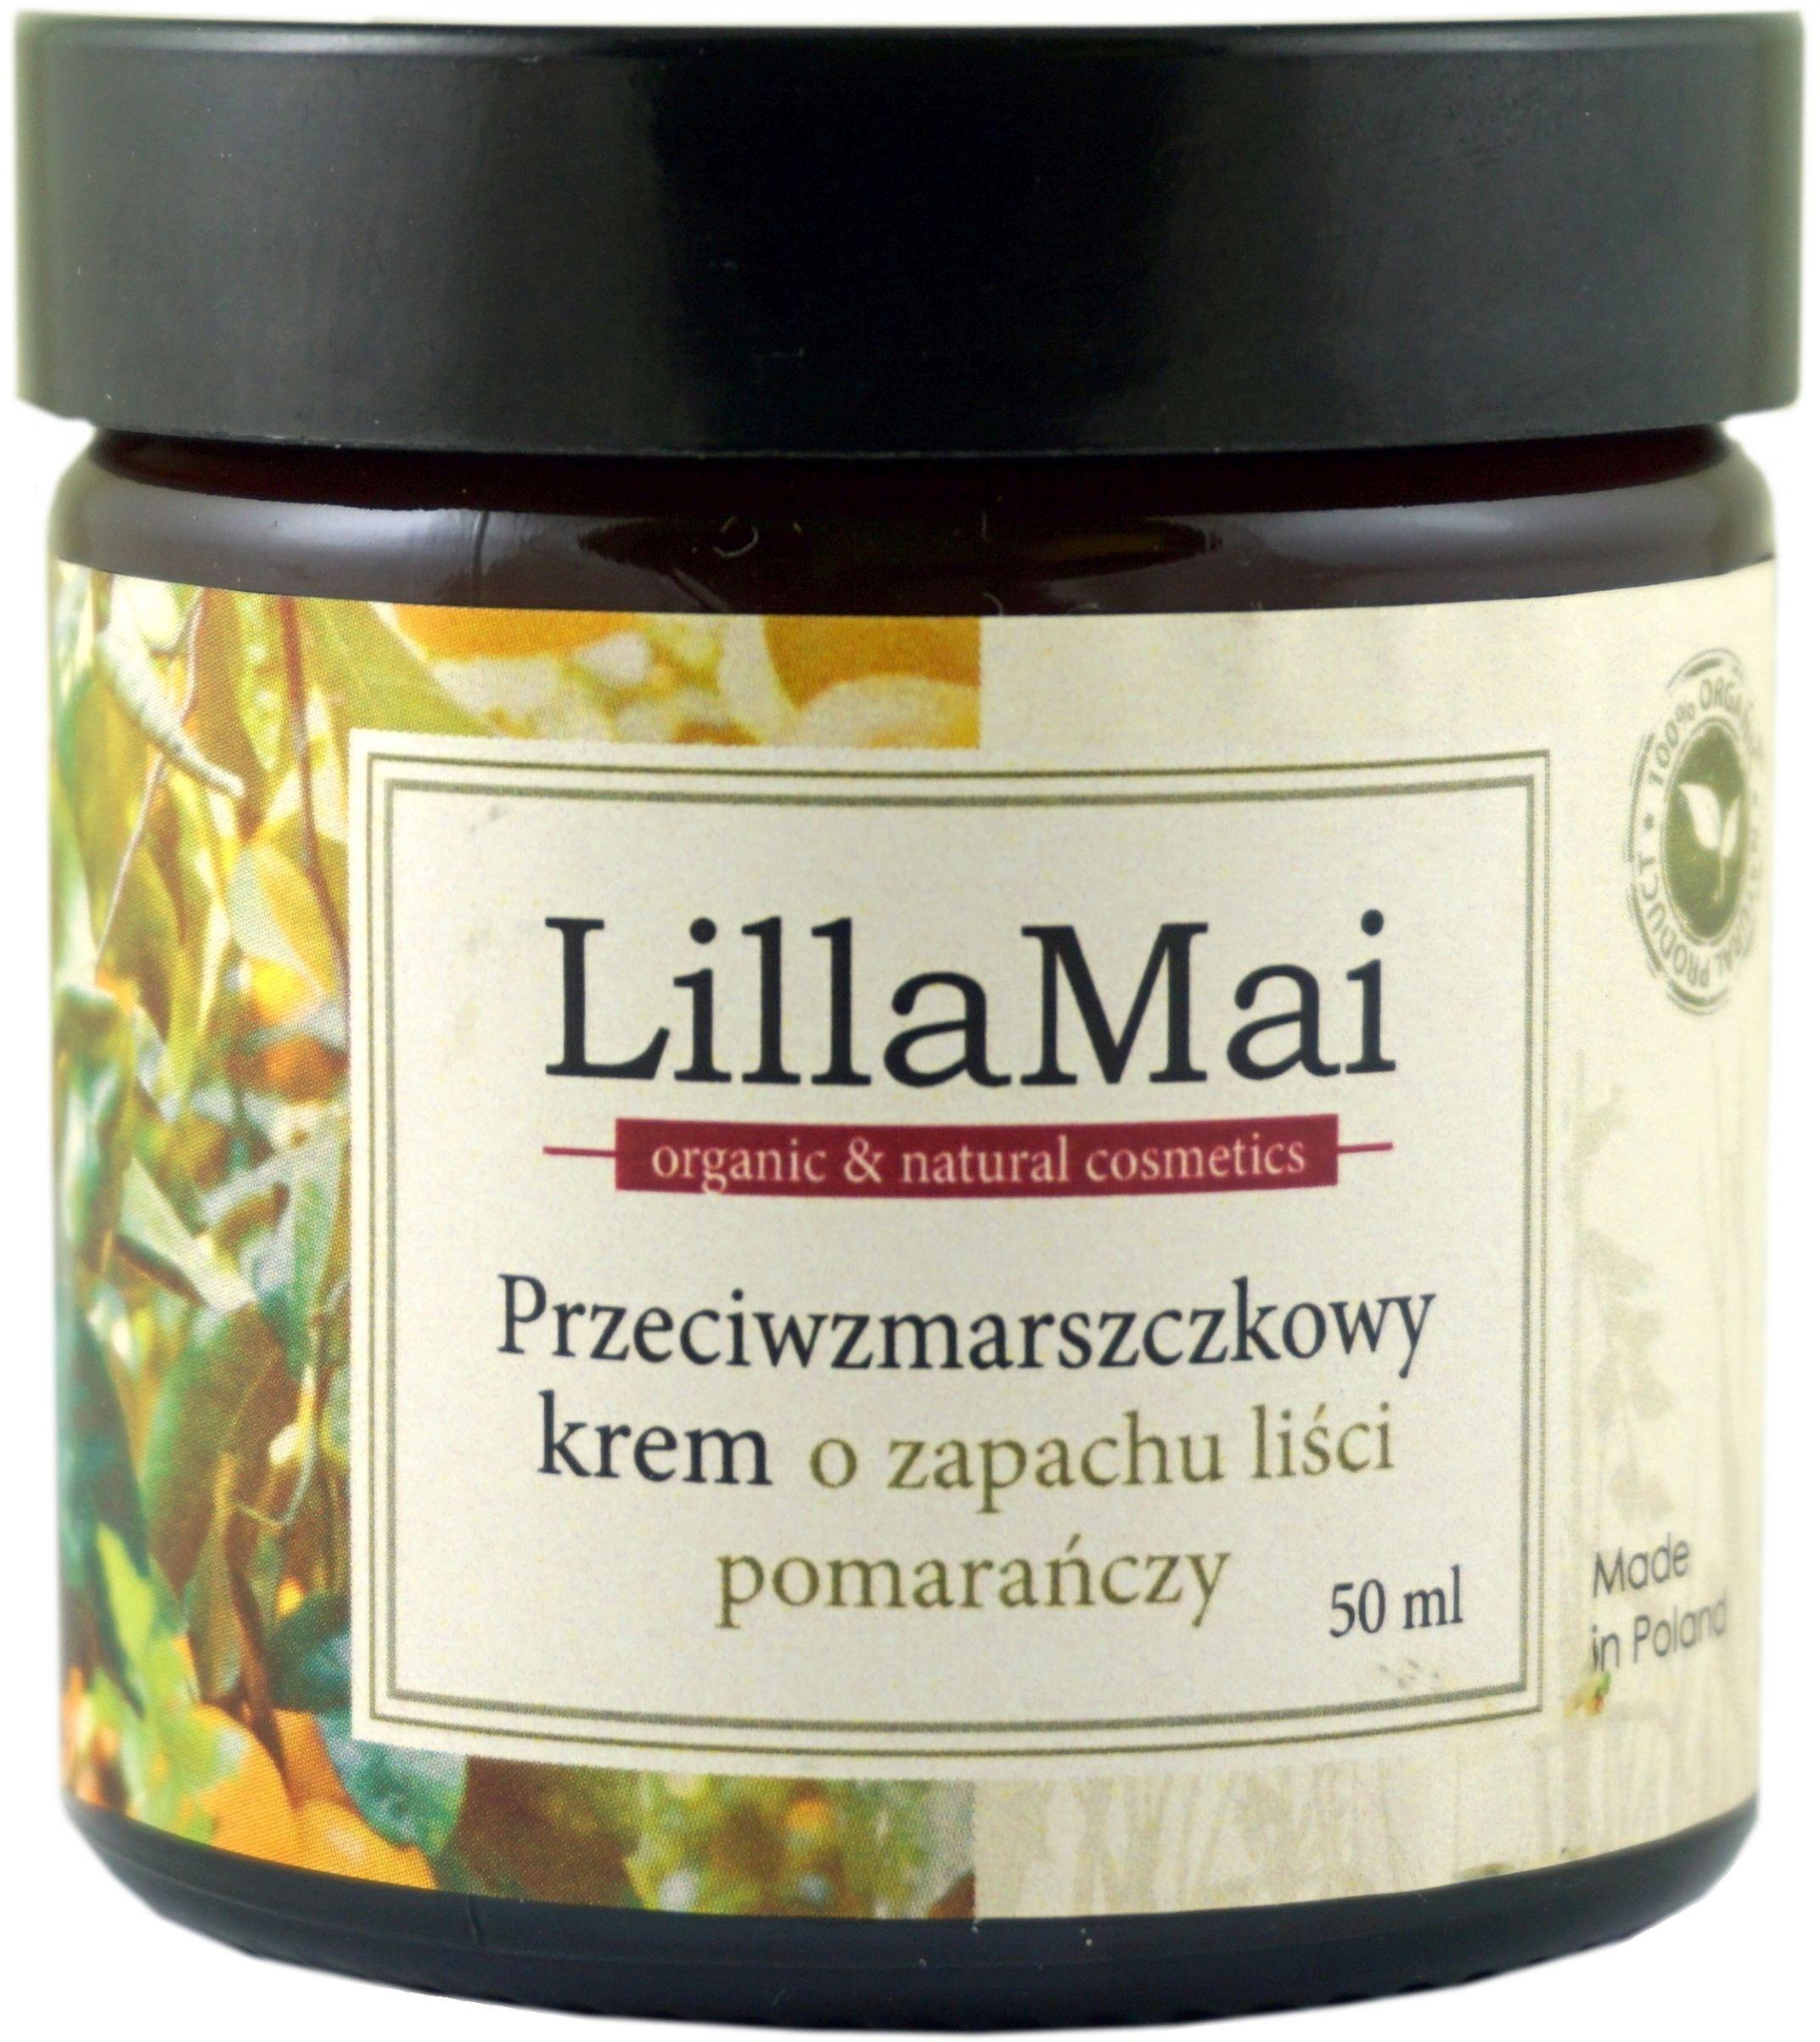 Przeciwzmarszczkowy Krem o Zapachu Liści Pomarańczy - 50 ml - LillaMai